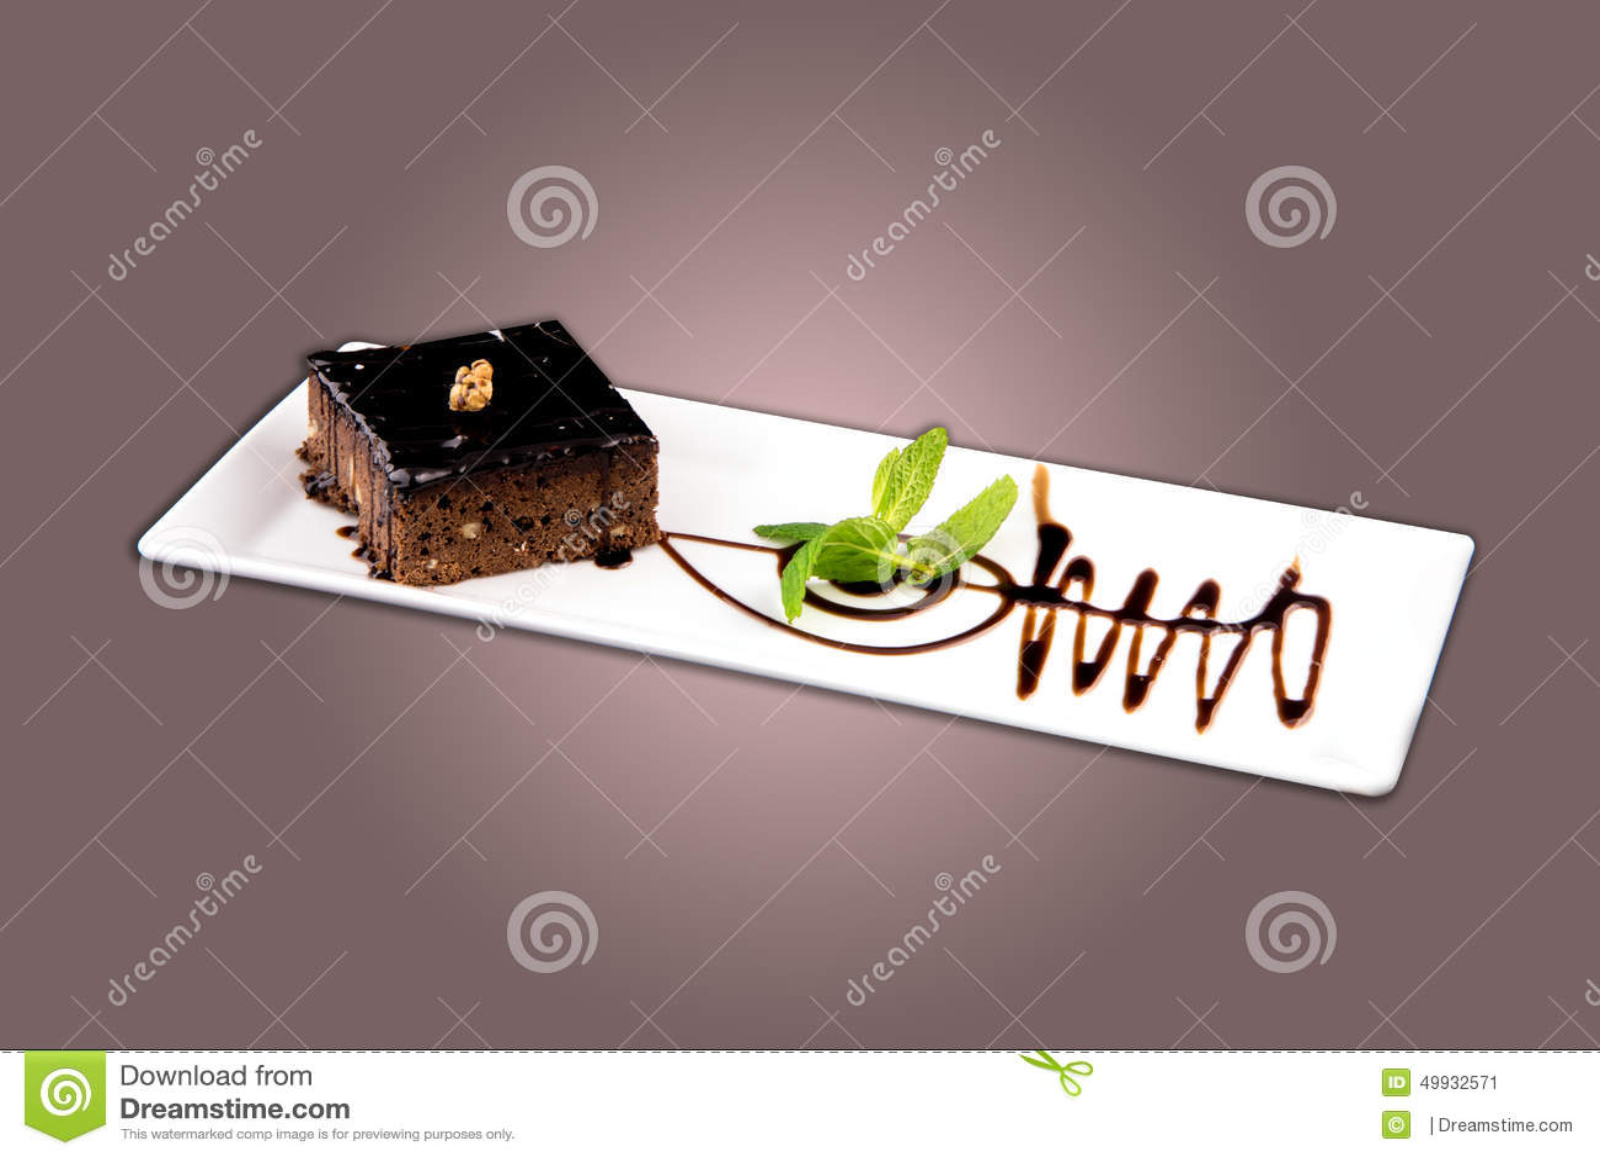 Brownie Chocolate Cake Stock Photo Image 49932571